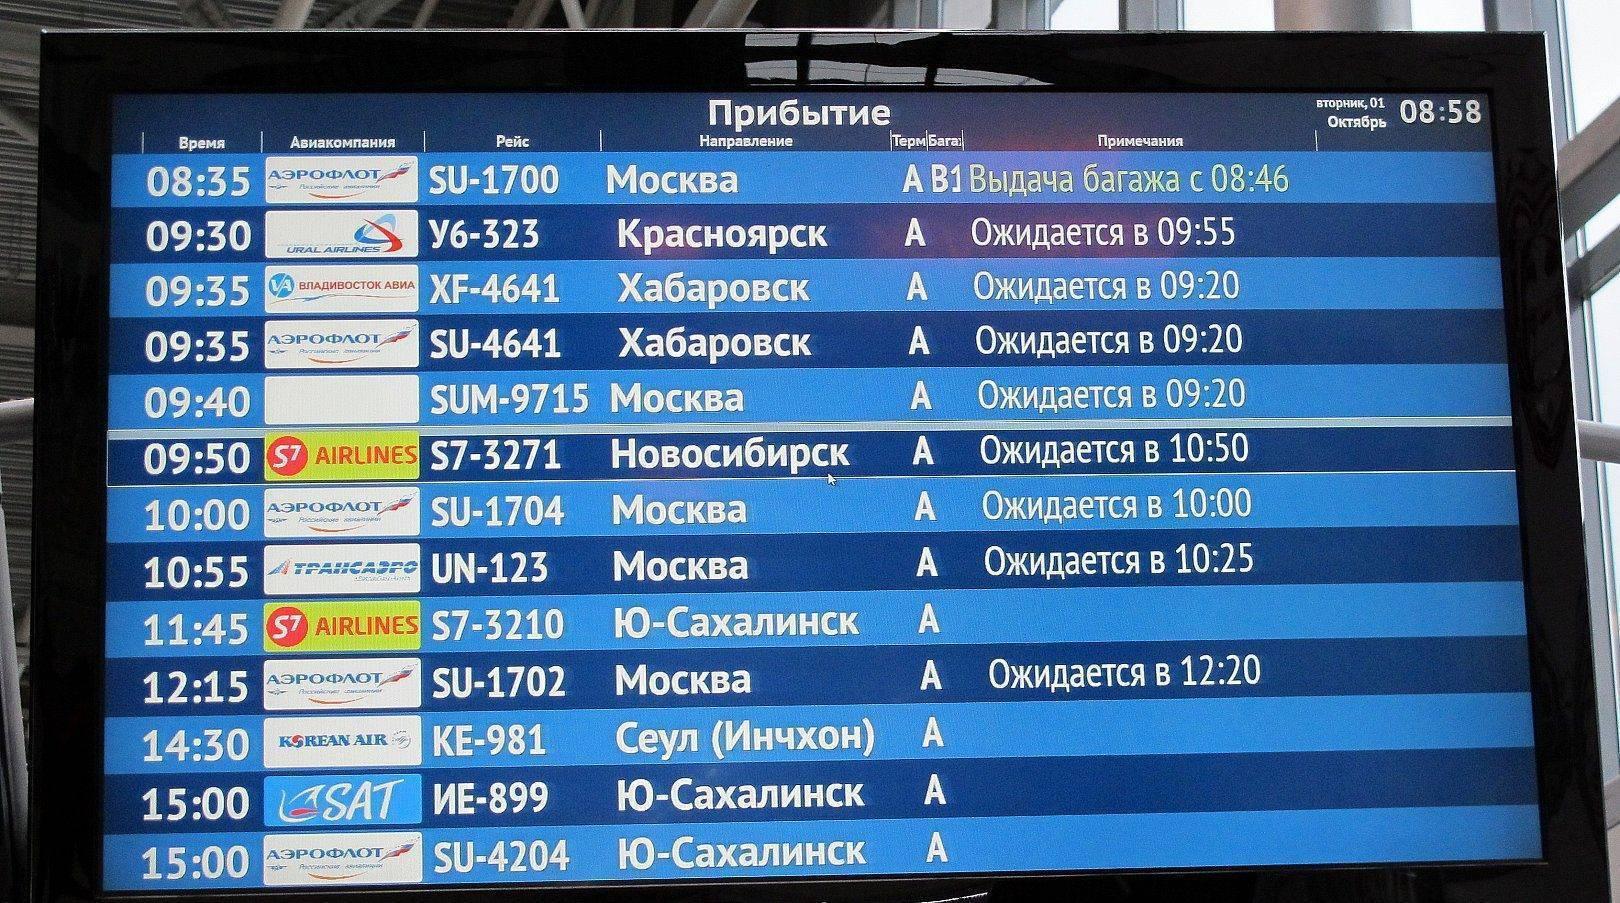 Аэропорт риги. онлайн-табло прилетов и вылетов, расписание рейсов, схема, купить билеты, как добраться на автобусе и такси на туристер.ру